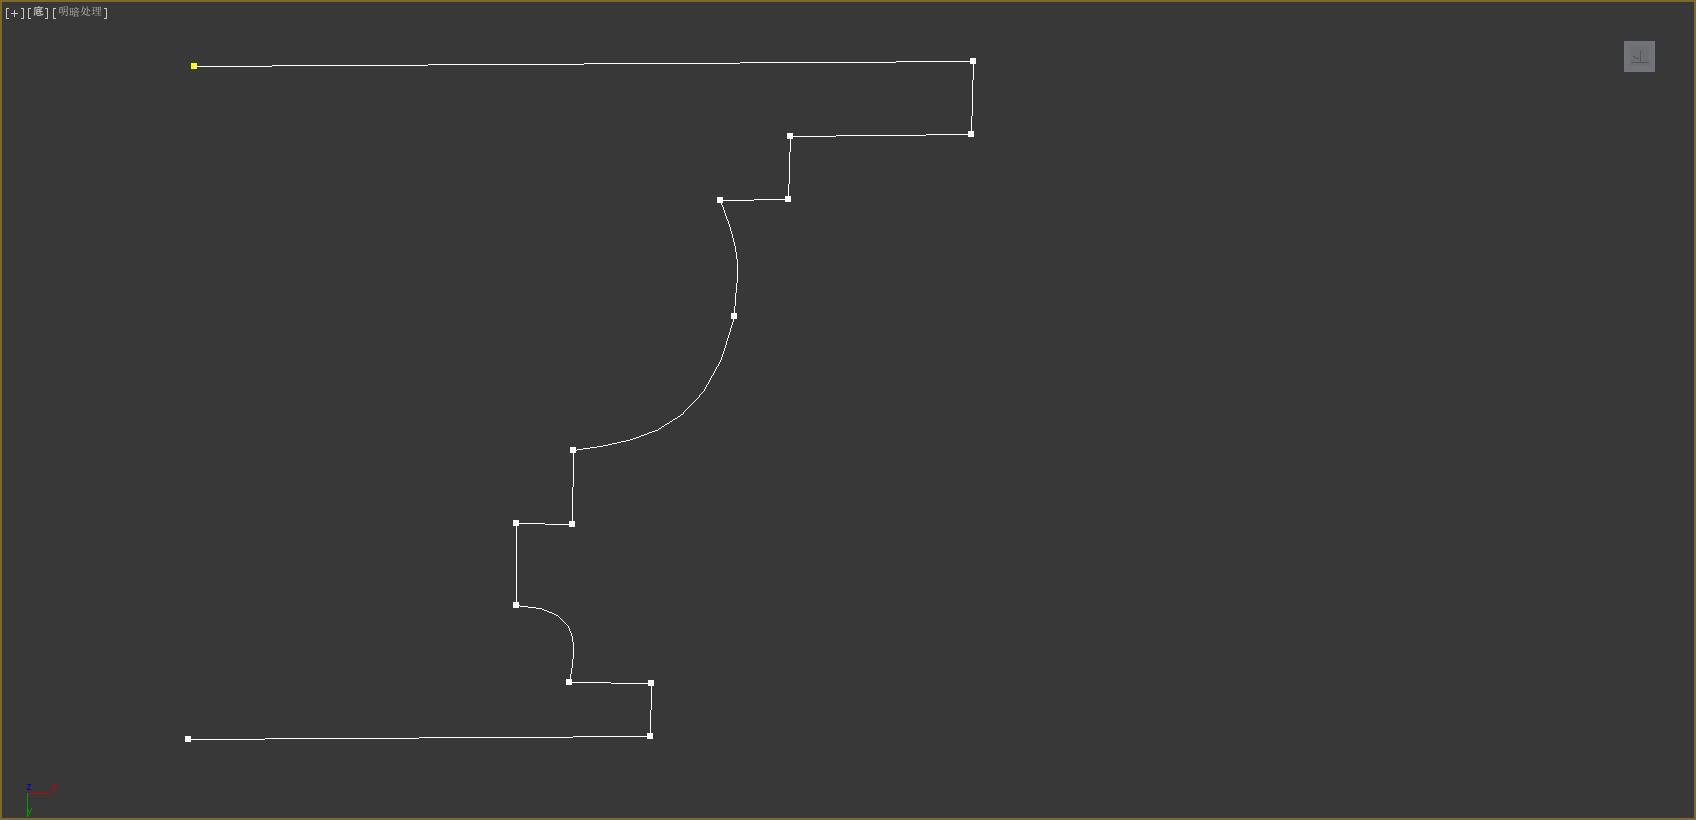 第二天作业二维图形建模(描线,架子)